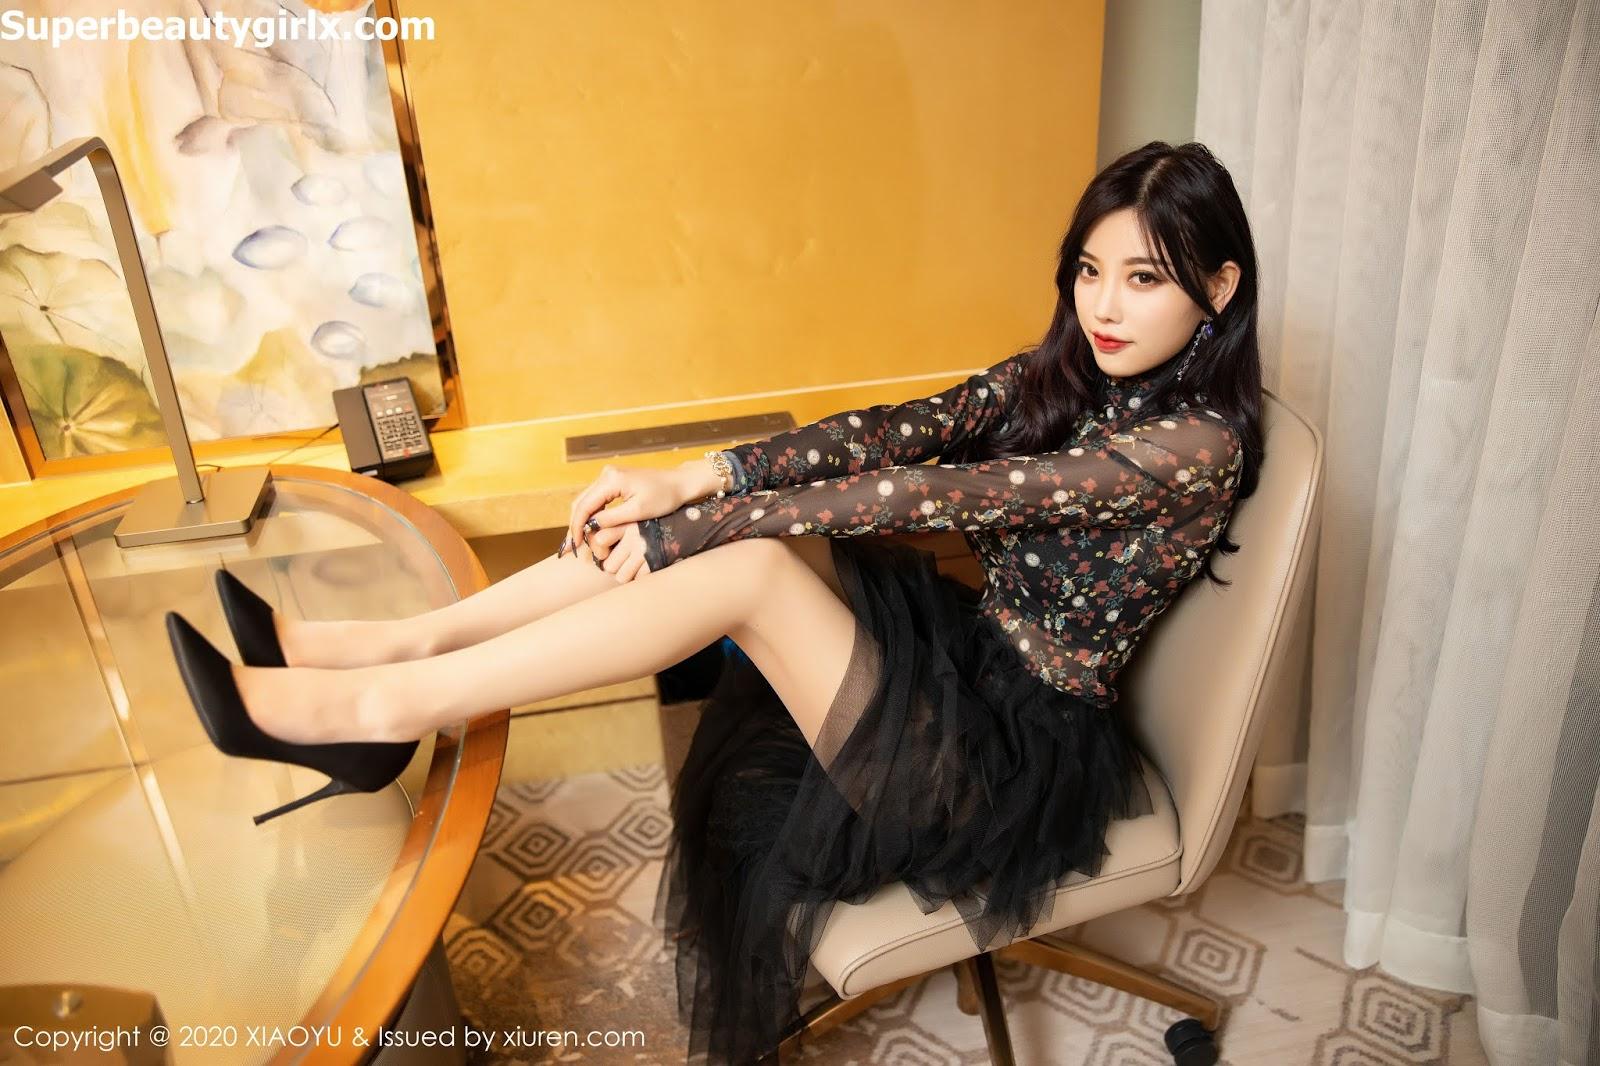 XiaoYu-Vol.289-Yang-Chen-Chen-sugar-Superbeautygirlx.com